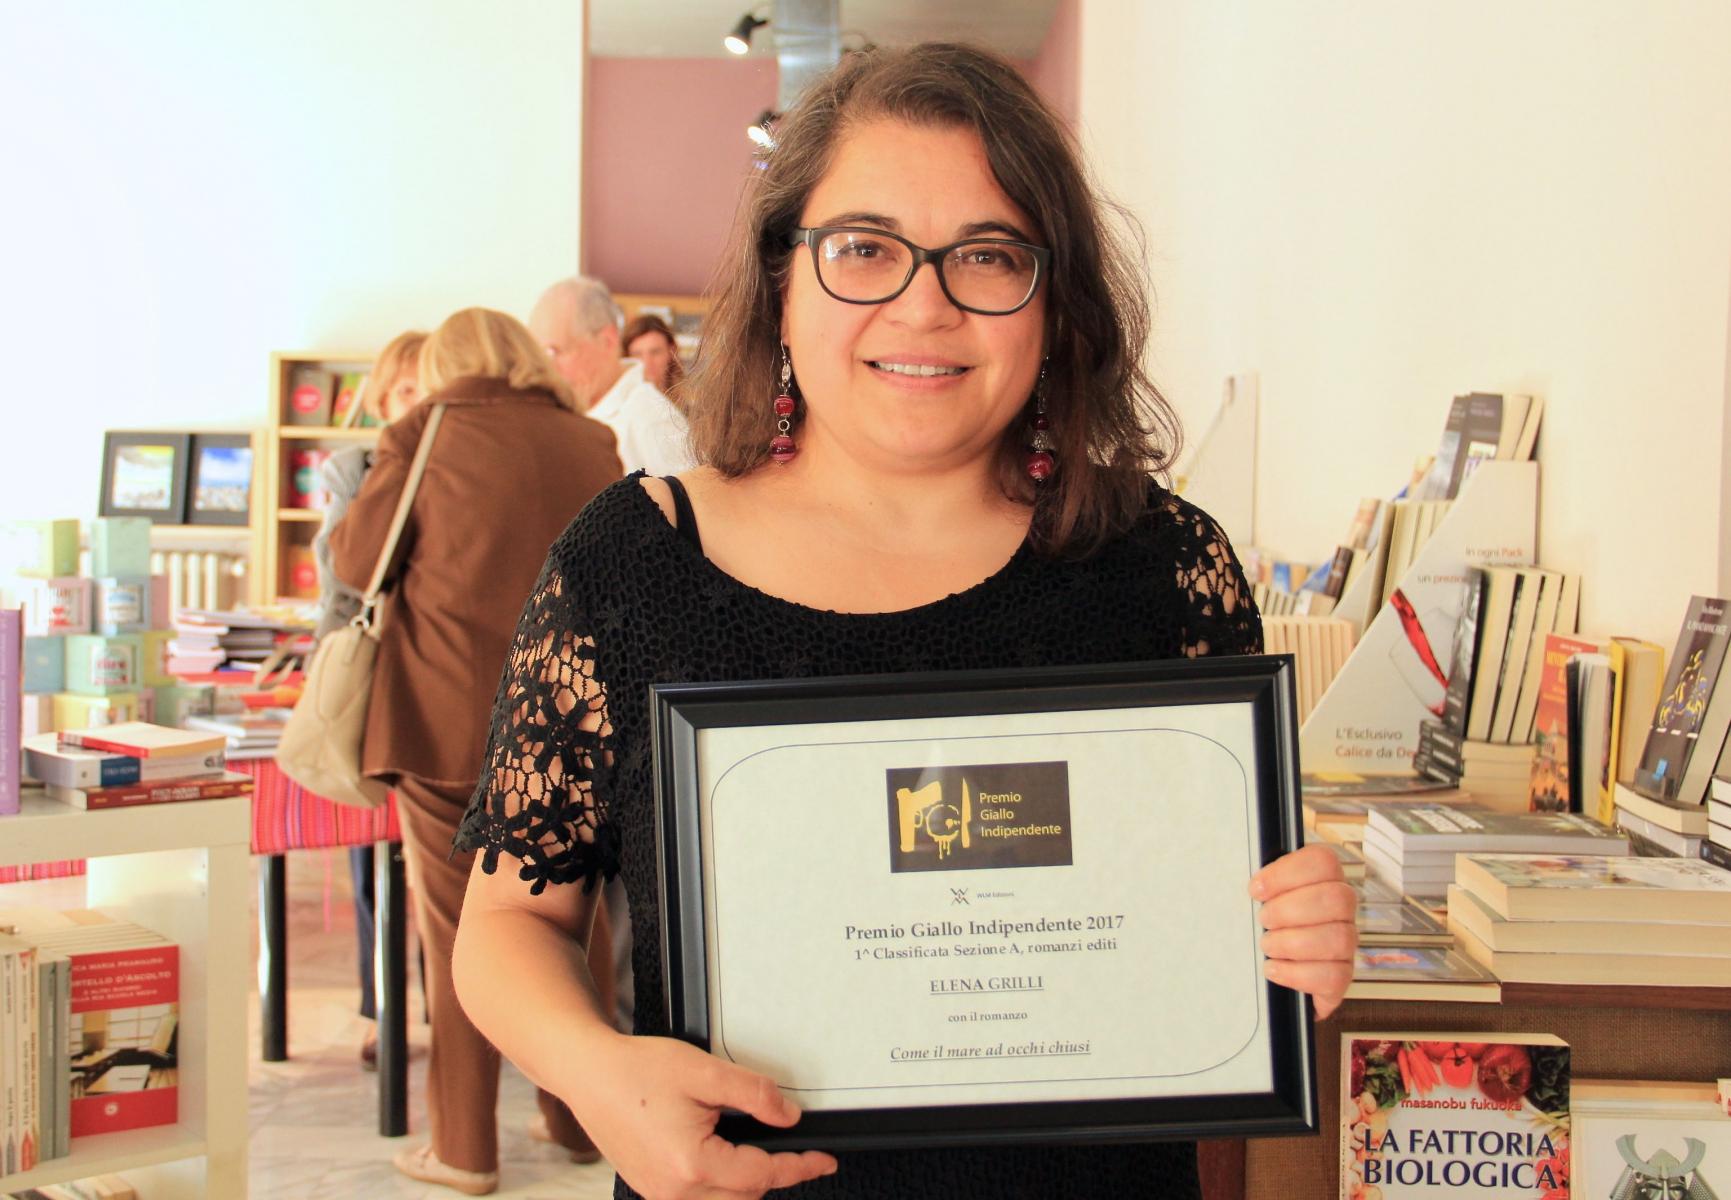 Elena-Grilli-vincitrice-Sezione-A-romanzi-editi